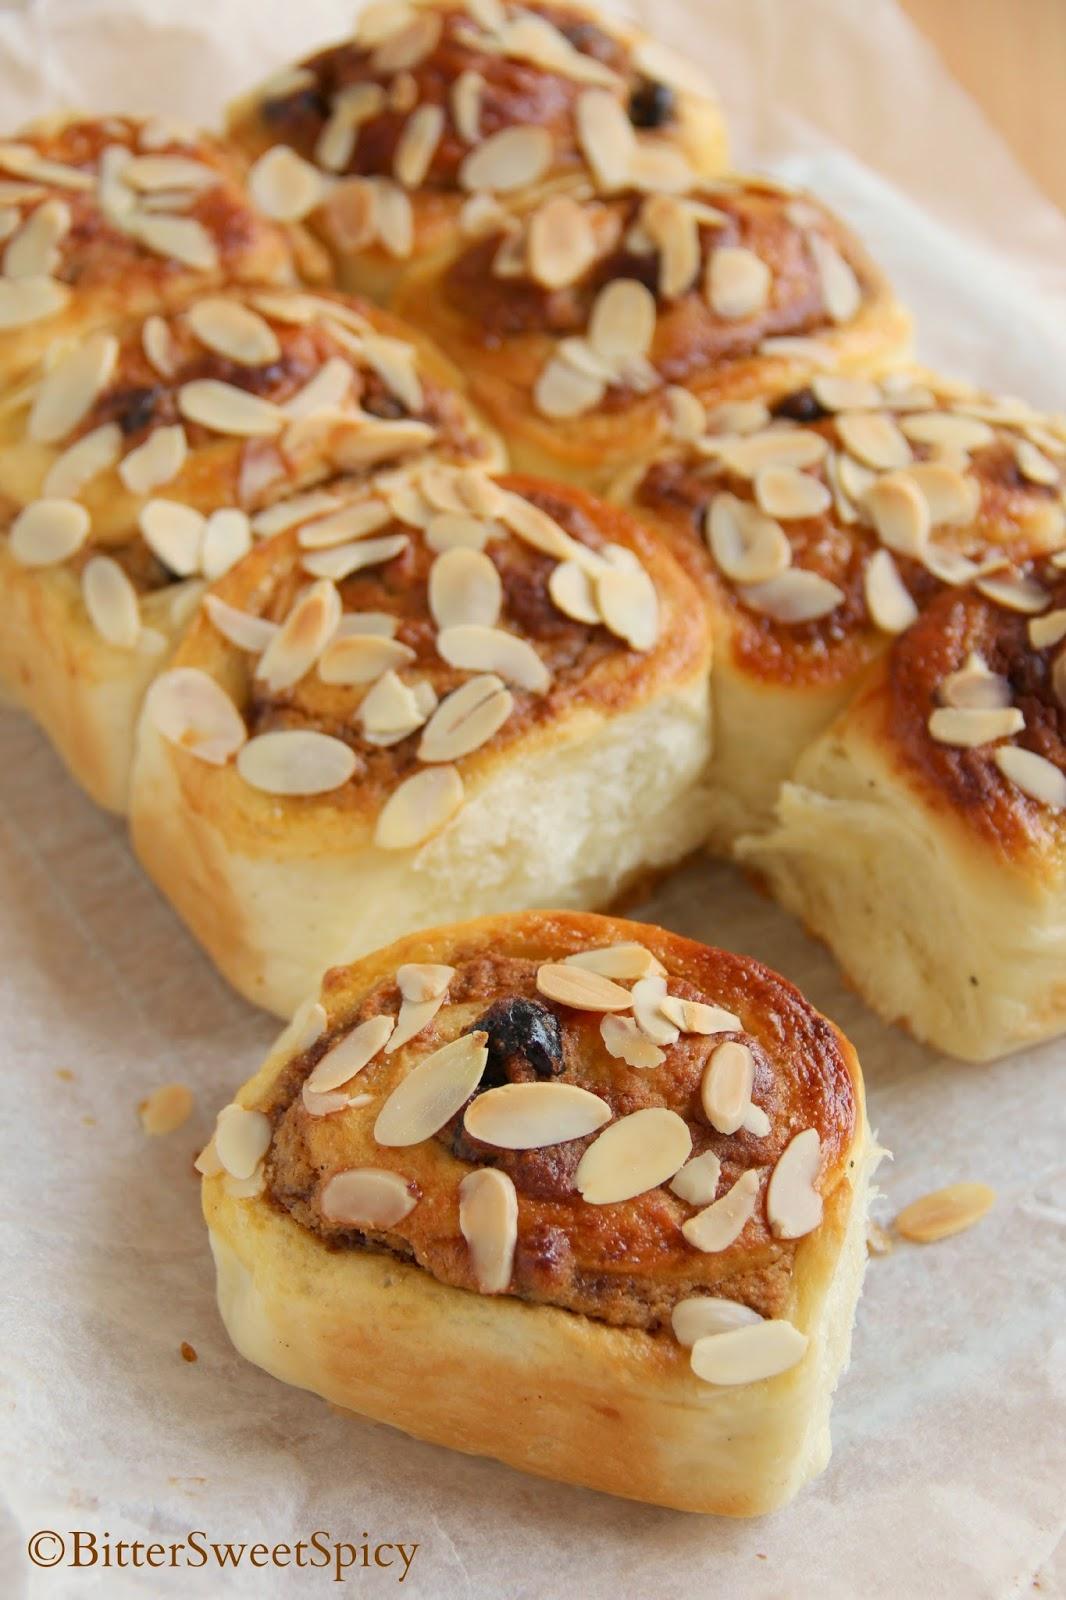 BitterSweetSpicy: Almond Raisin Bread & Cinnamon Rolls